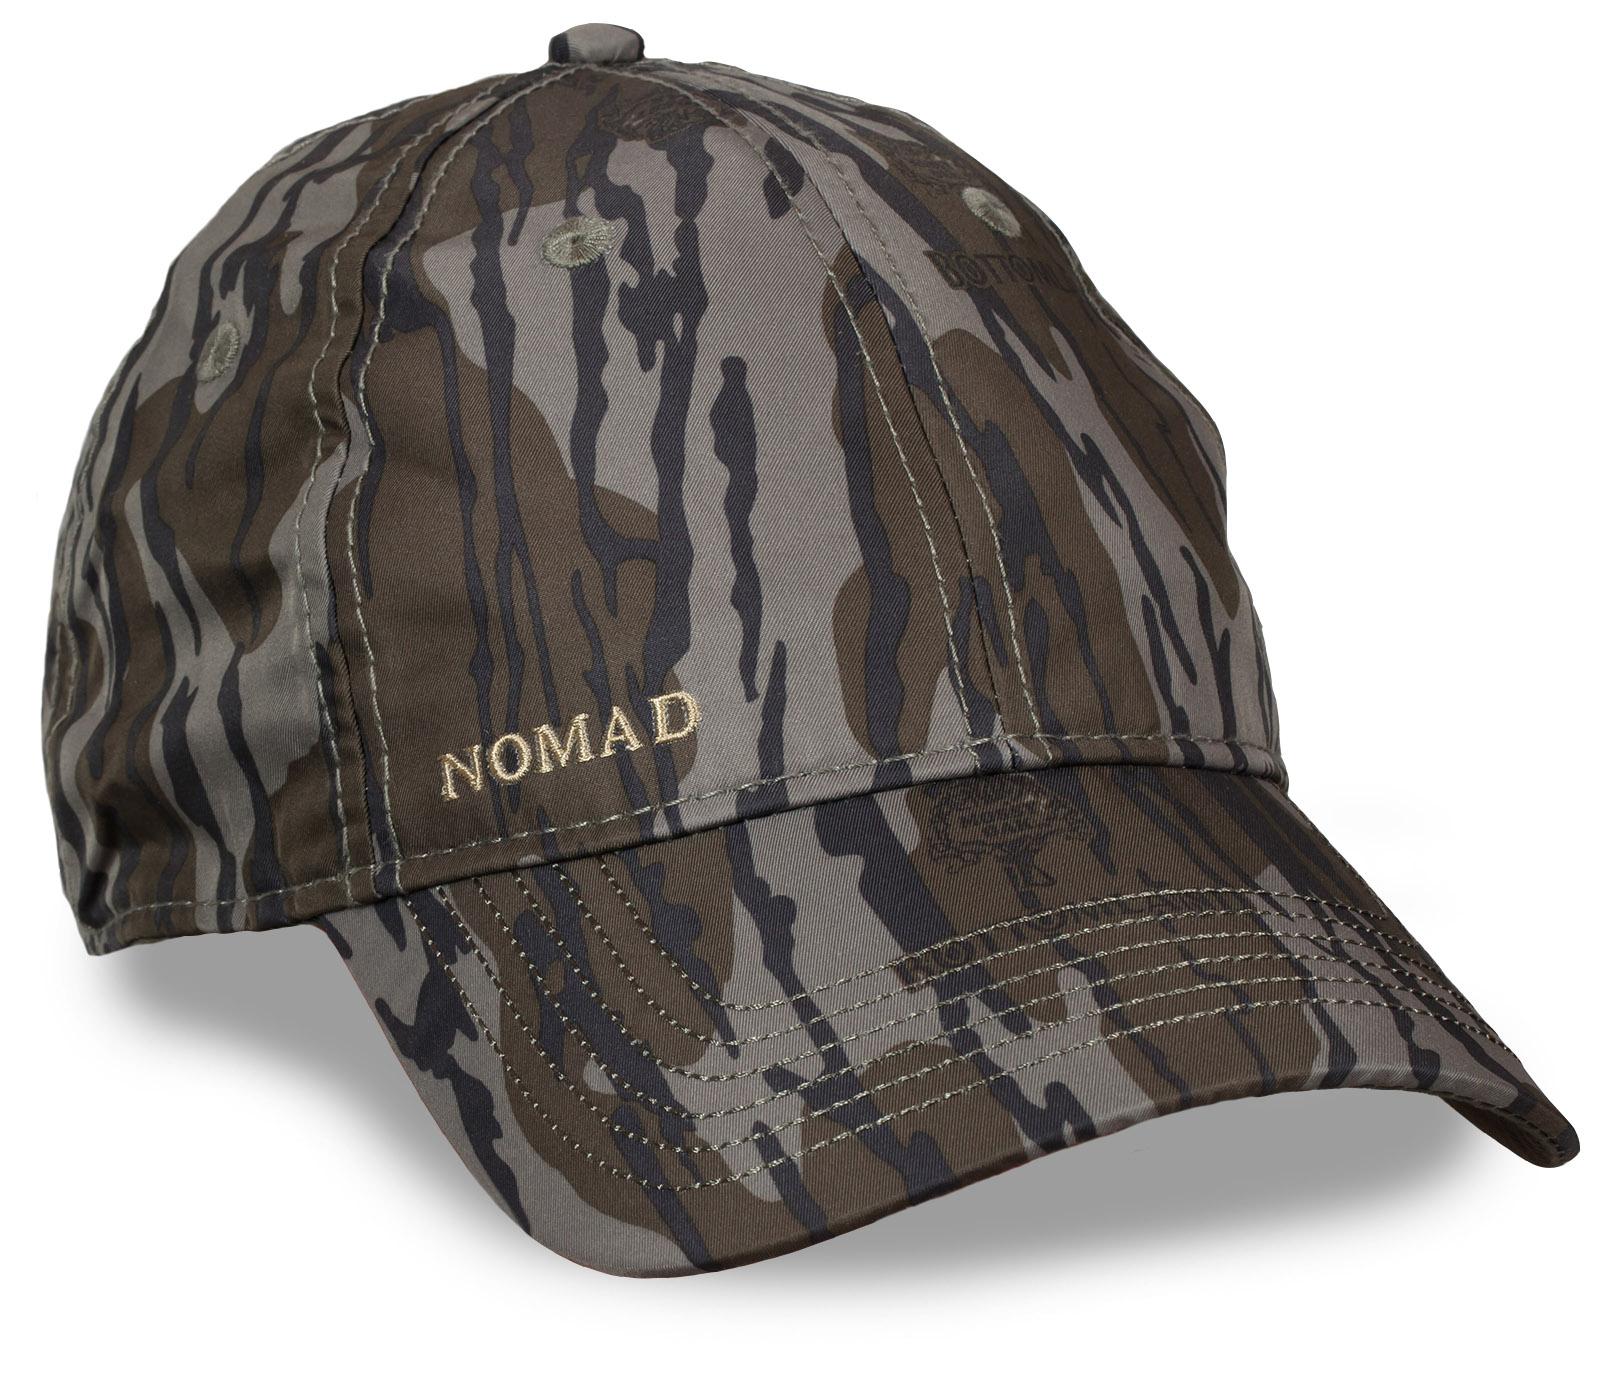 Камуфляж «Тёмный лес» в деле! Мужская бейсболка NOMAD. Популярный армейский дизайн и козырек, который можно загибать как нравится